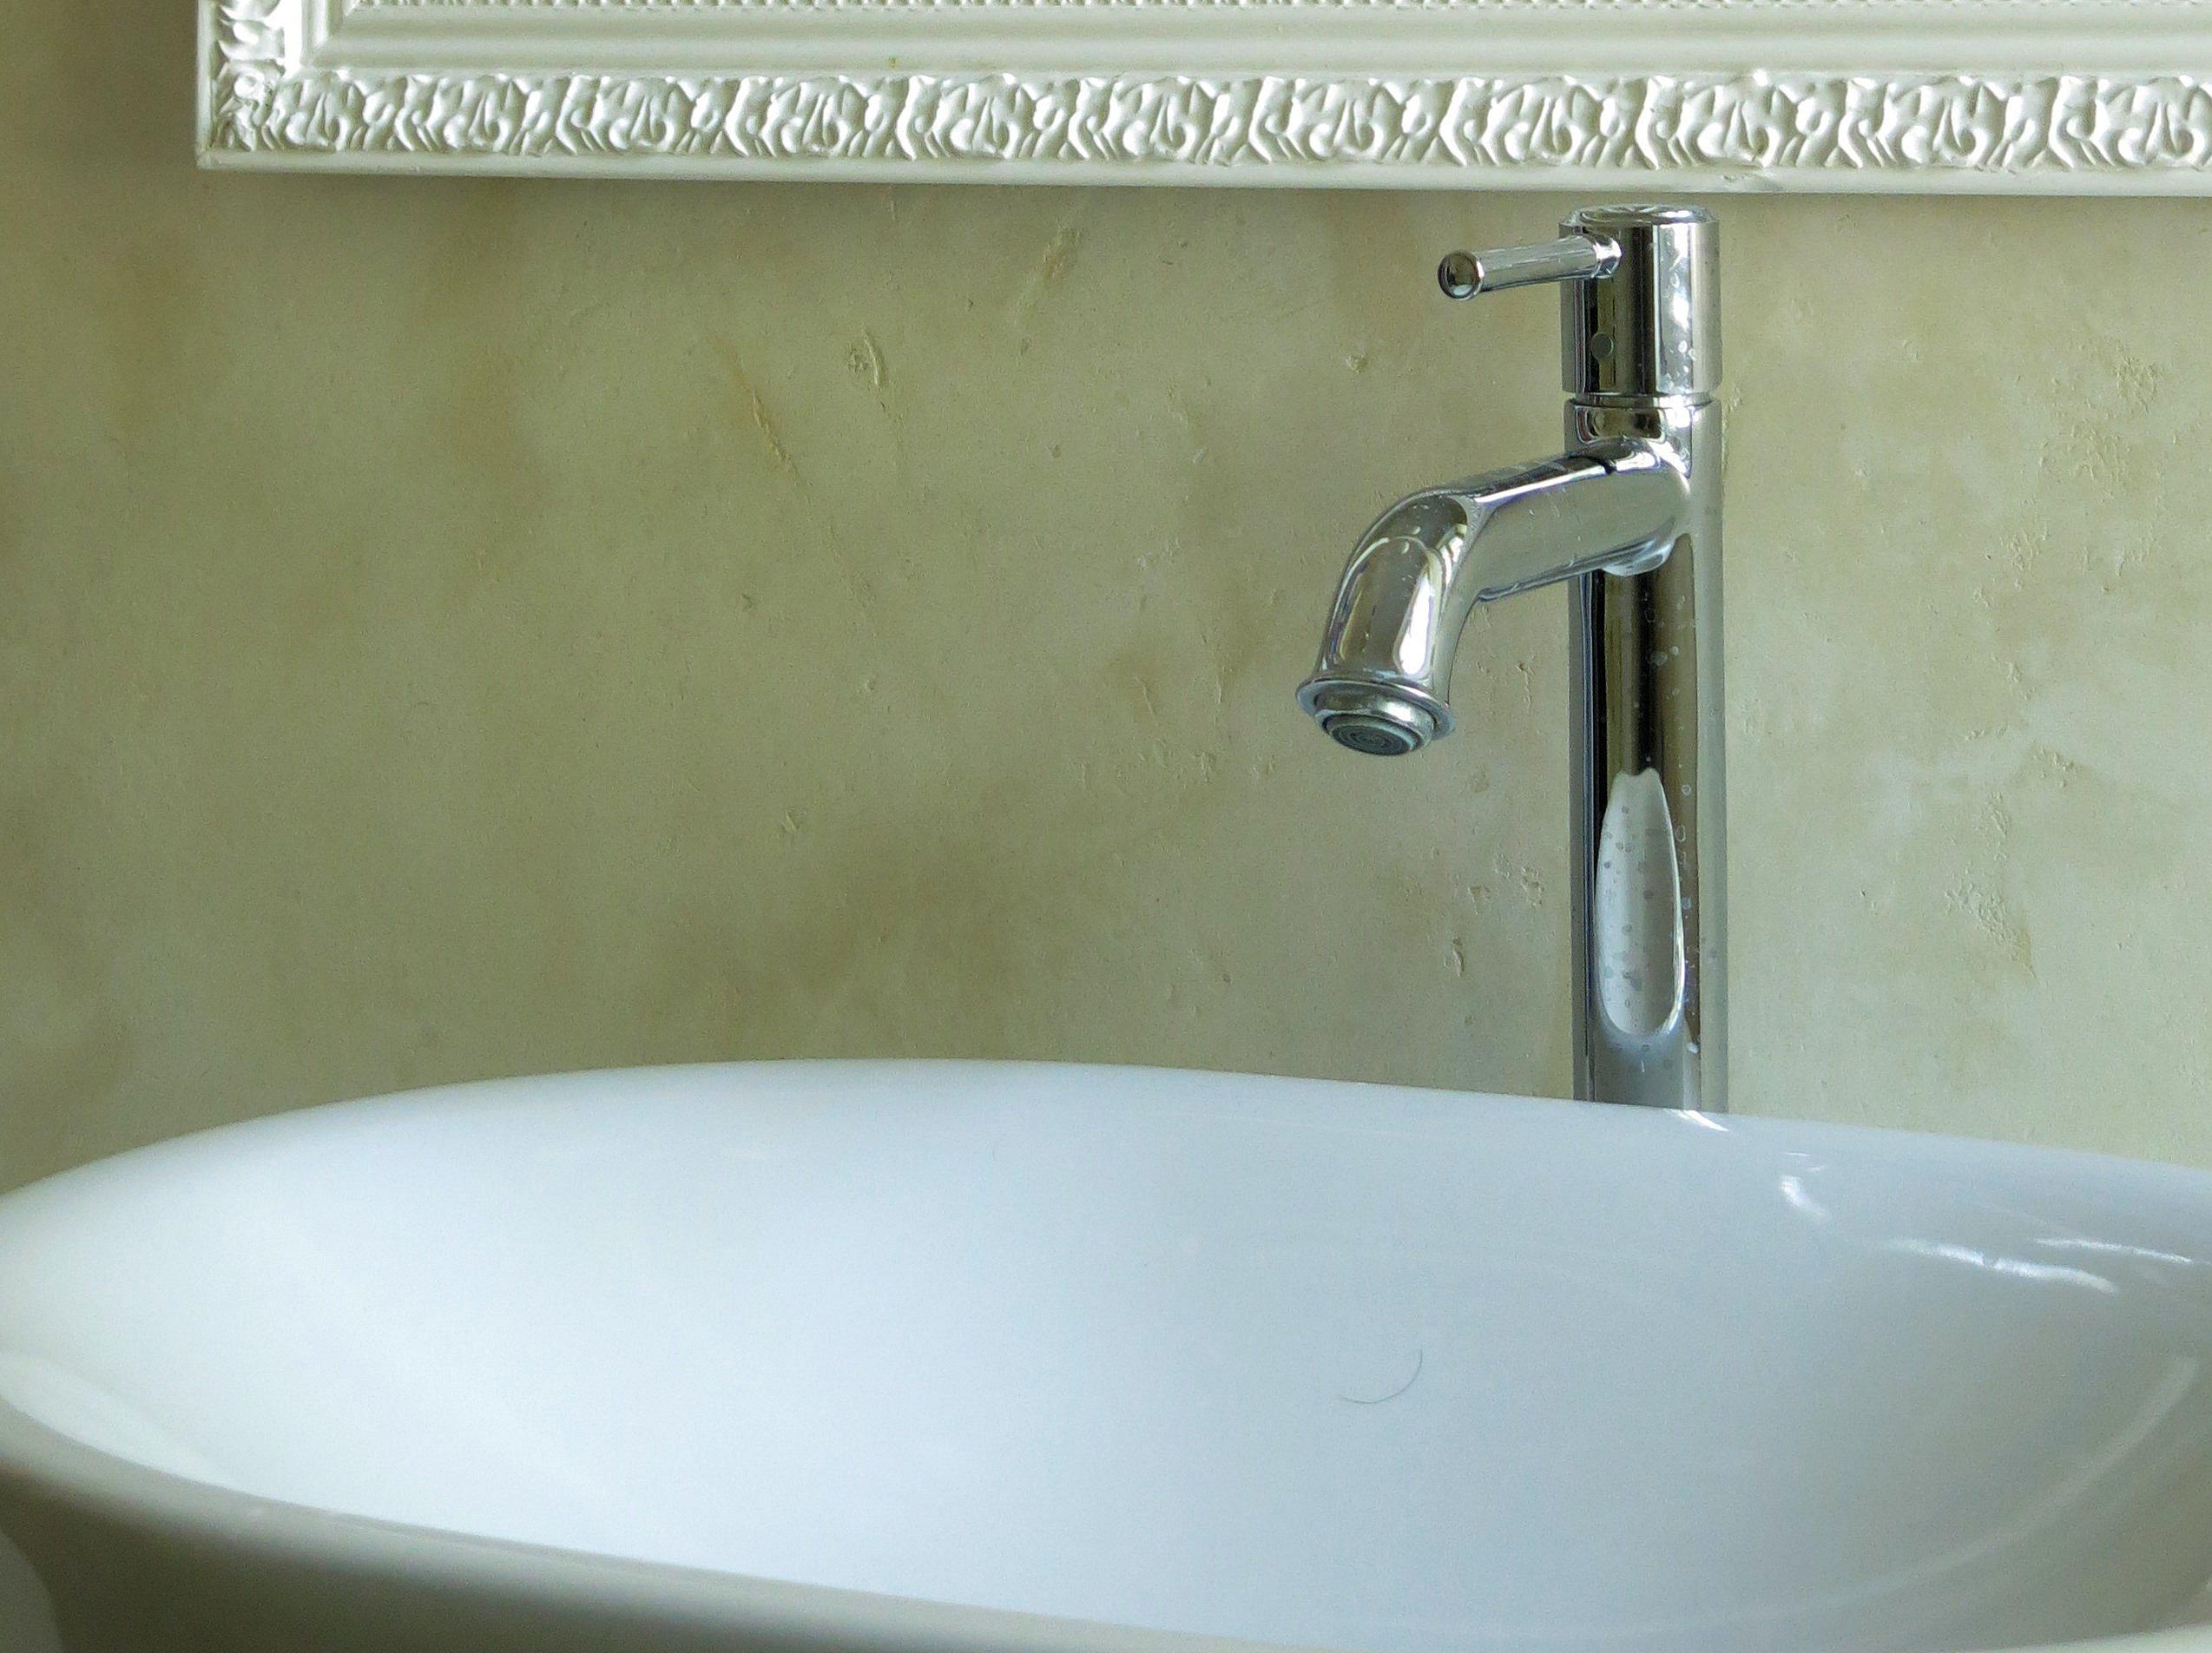 Mediterrane Wandgestaltung Im Bad Ohne Fliesen Mit Marmorputz # Wandgestaltung #waschbecken #grünewandfarbe #fliesenlosesbad